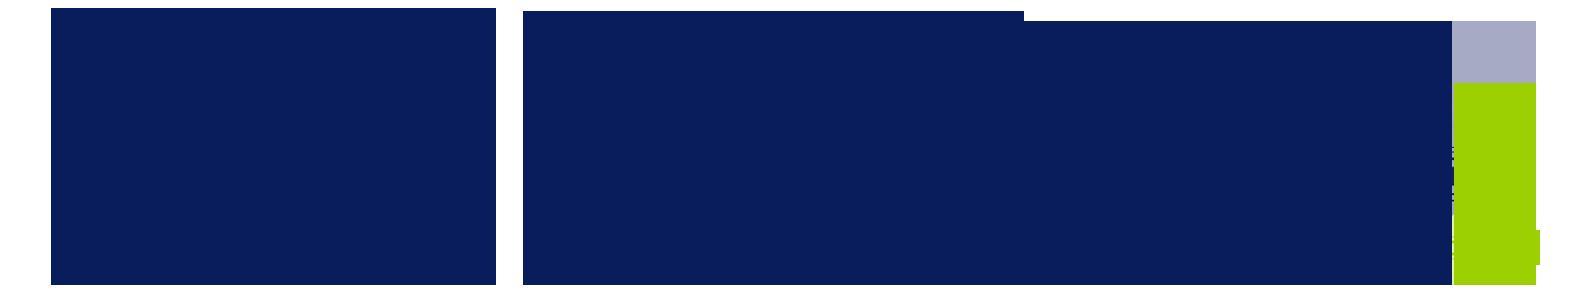 Logo Deloitte Servicios de Capacitación Limitada